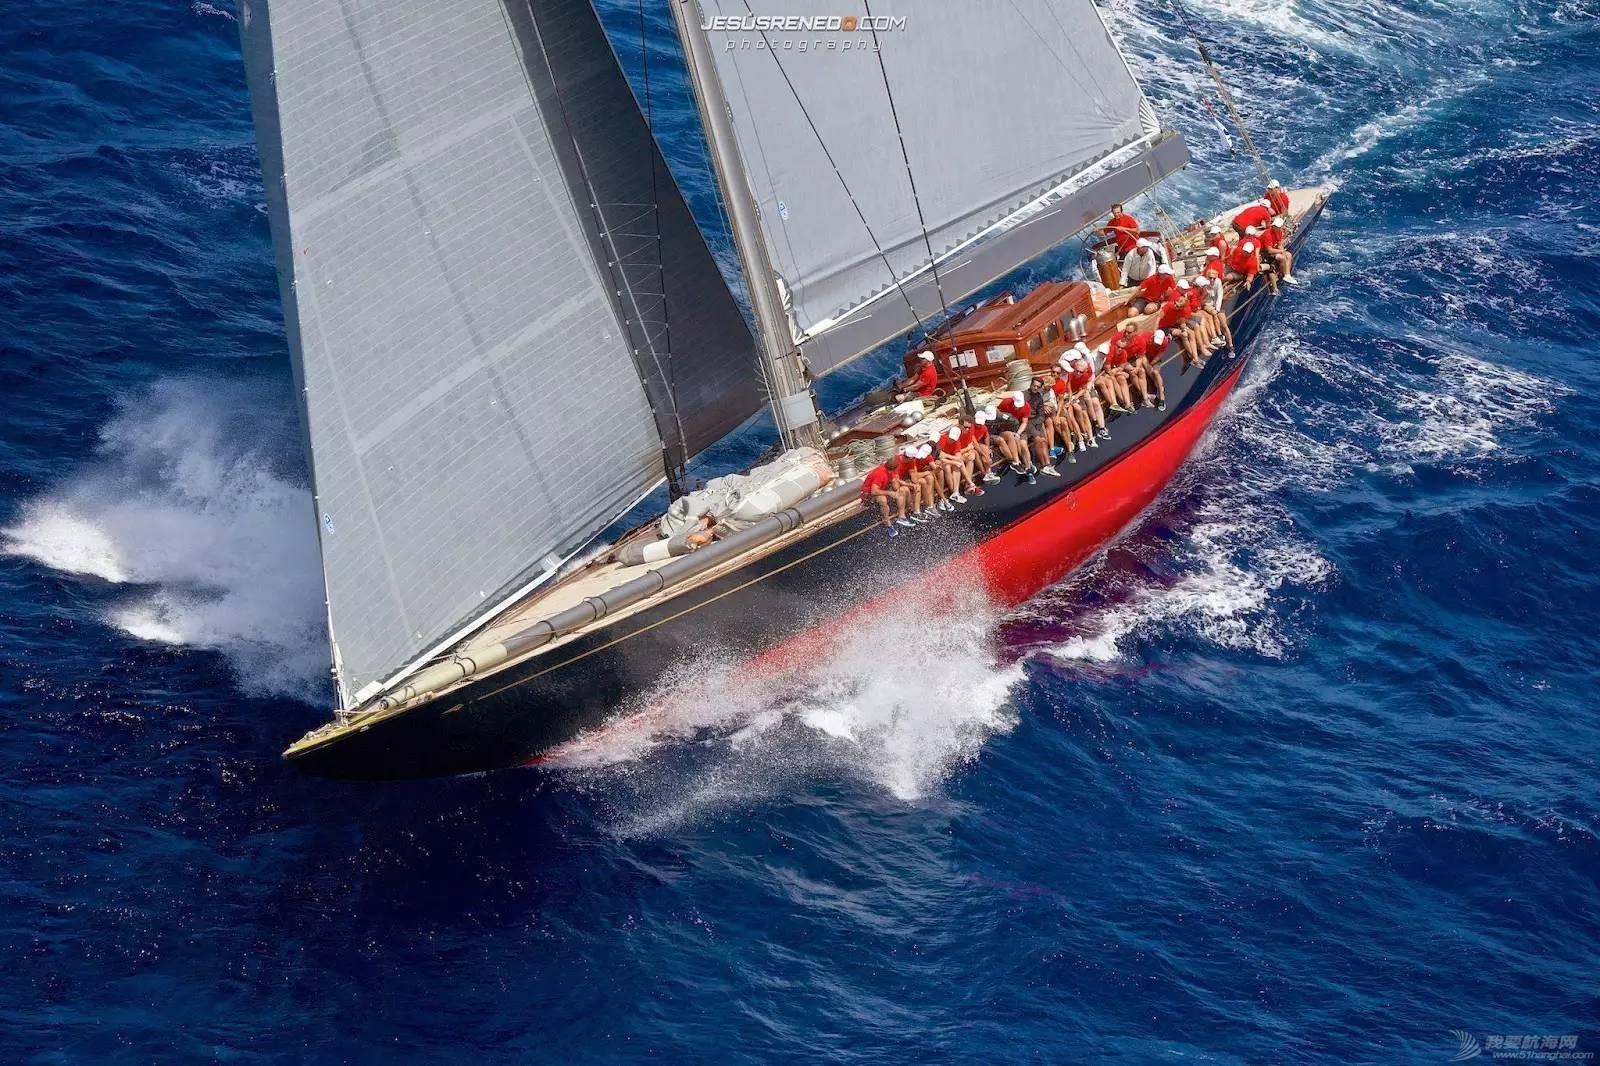 世界大战,Rainbow,美洲杯,时间停止,系列赛 睁开眼,闭上眼,J-Class超级帆船赛无限魅惑!!! 249a665548b324279a51d44432ec3120.jpg